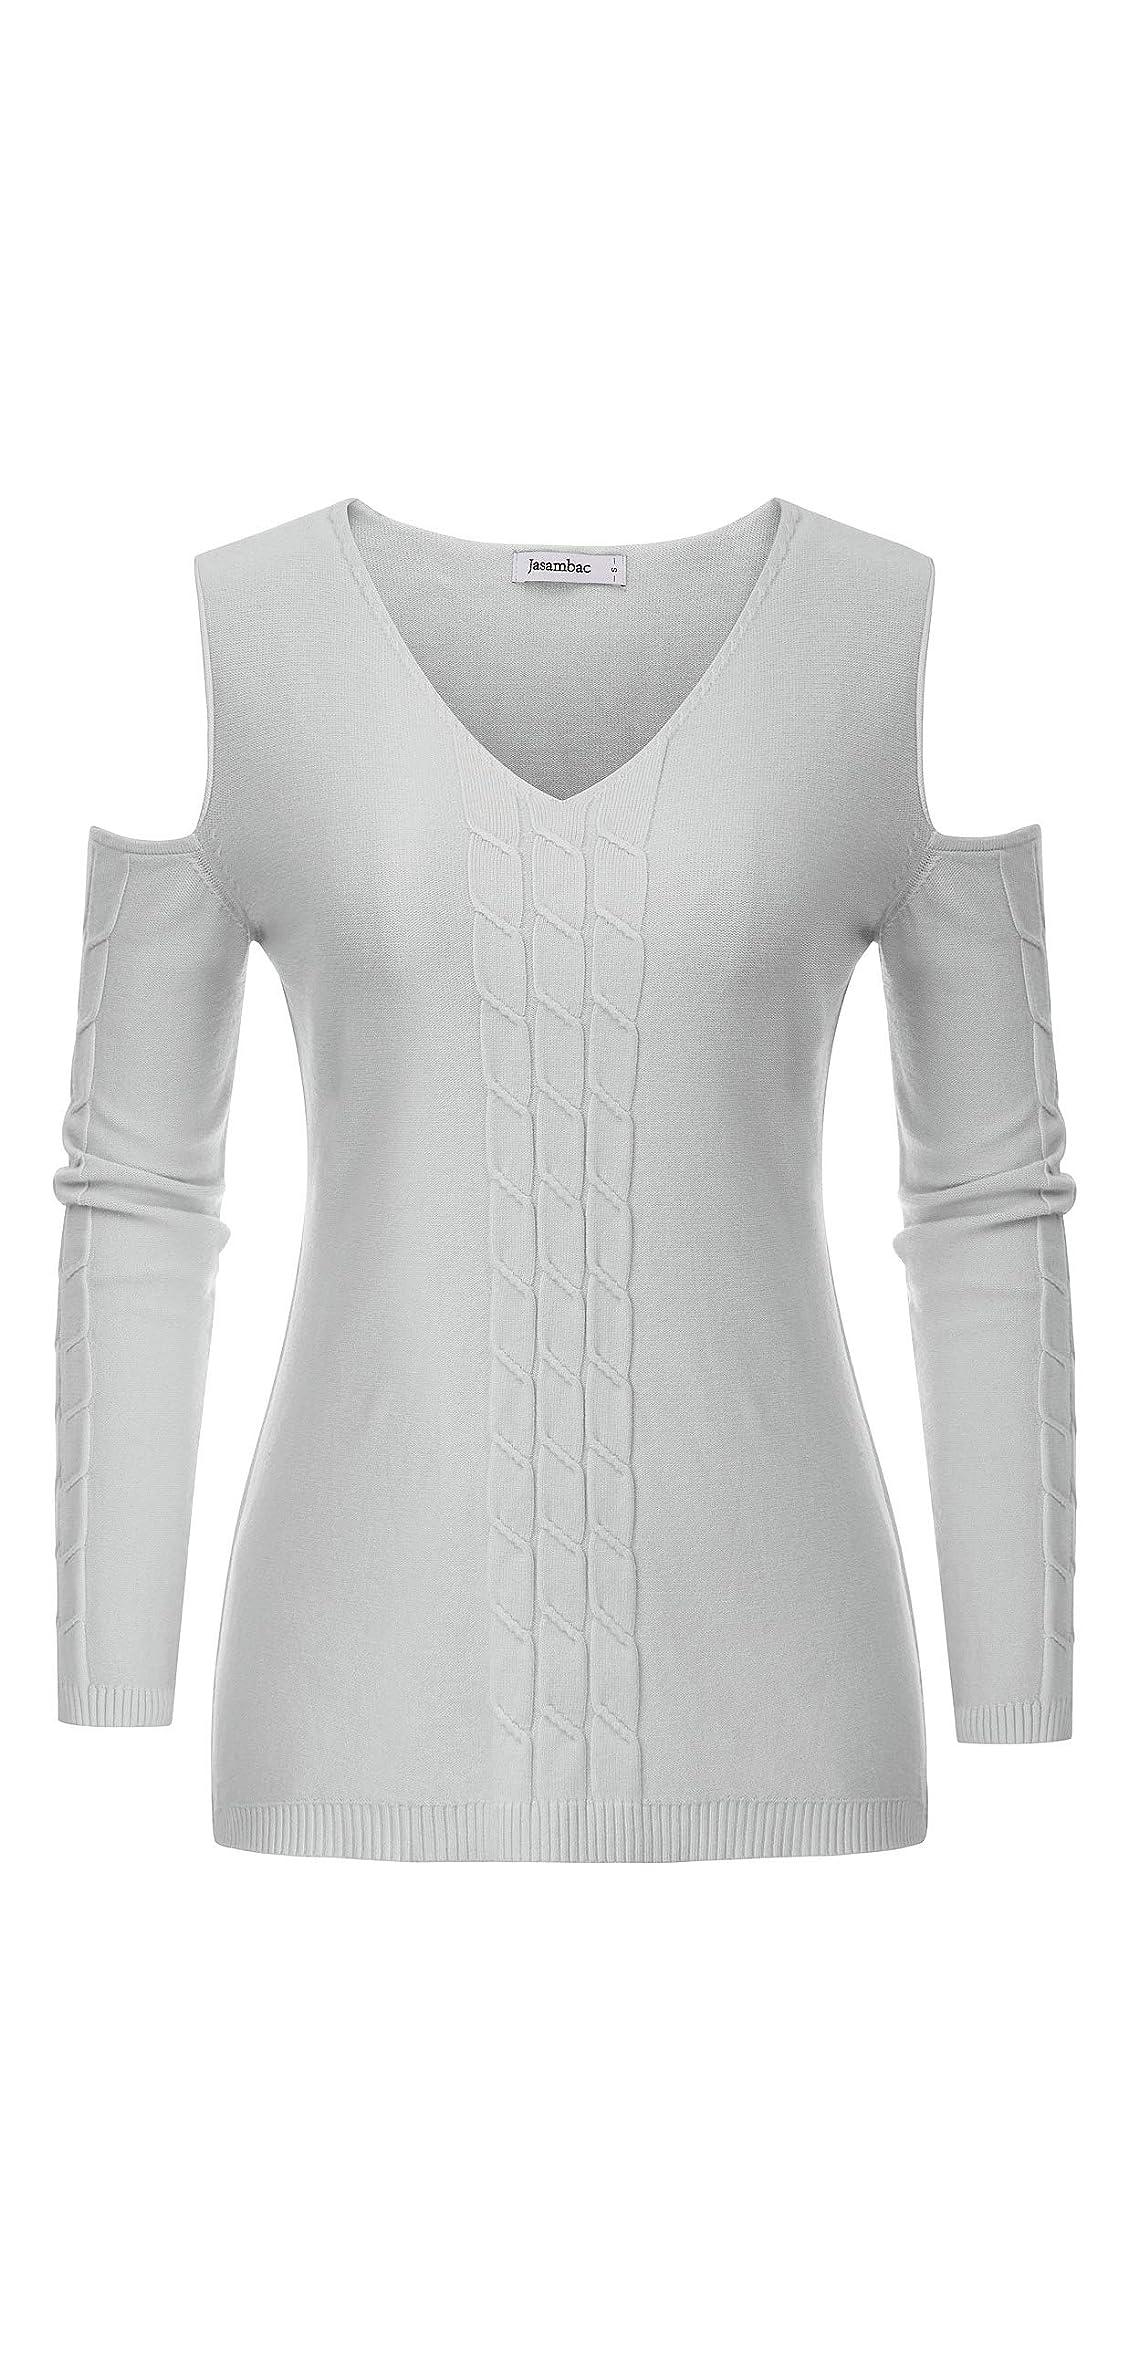 Women's Cold Shoulder Cable Knit Sweater V Neck Jumper